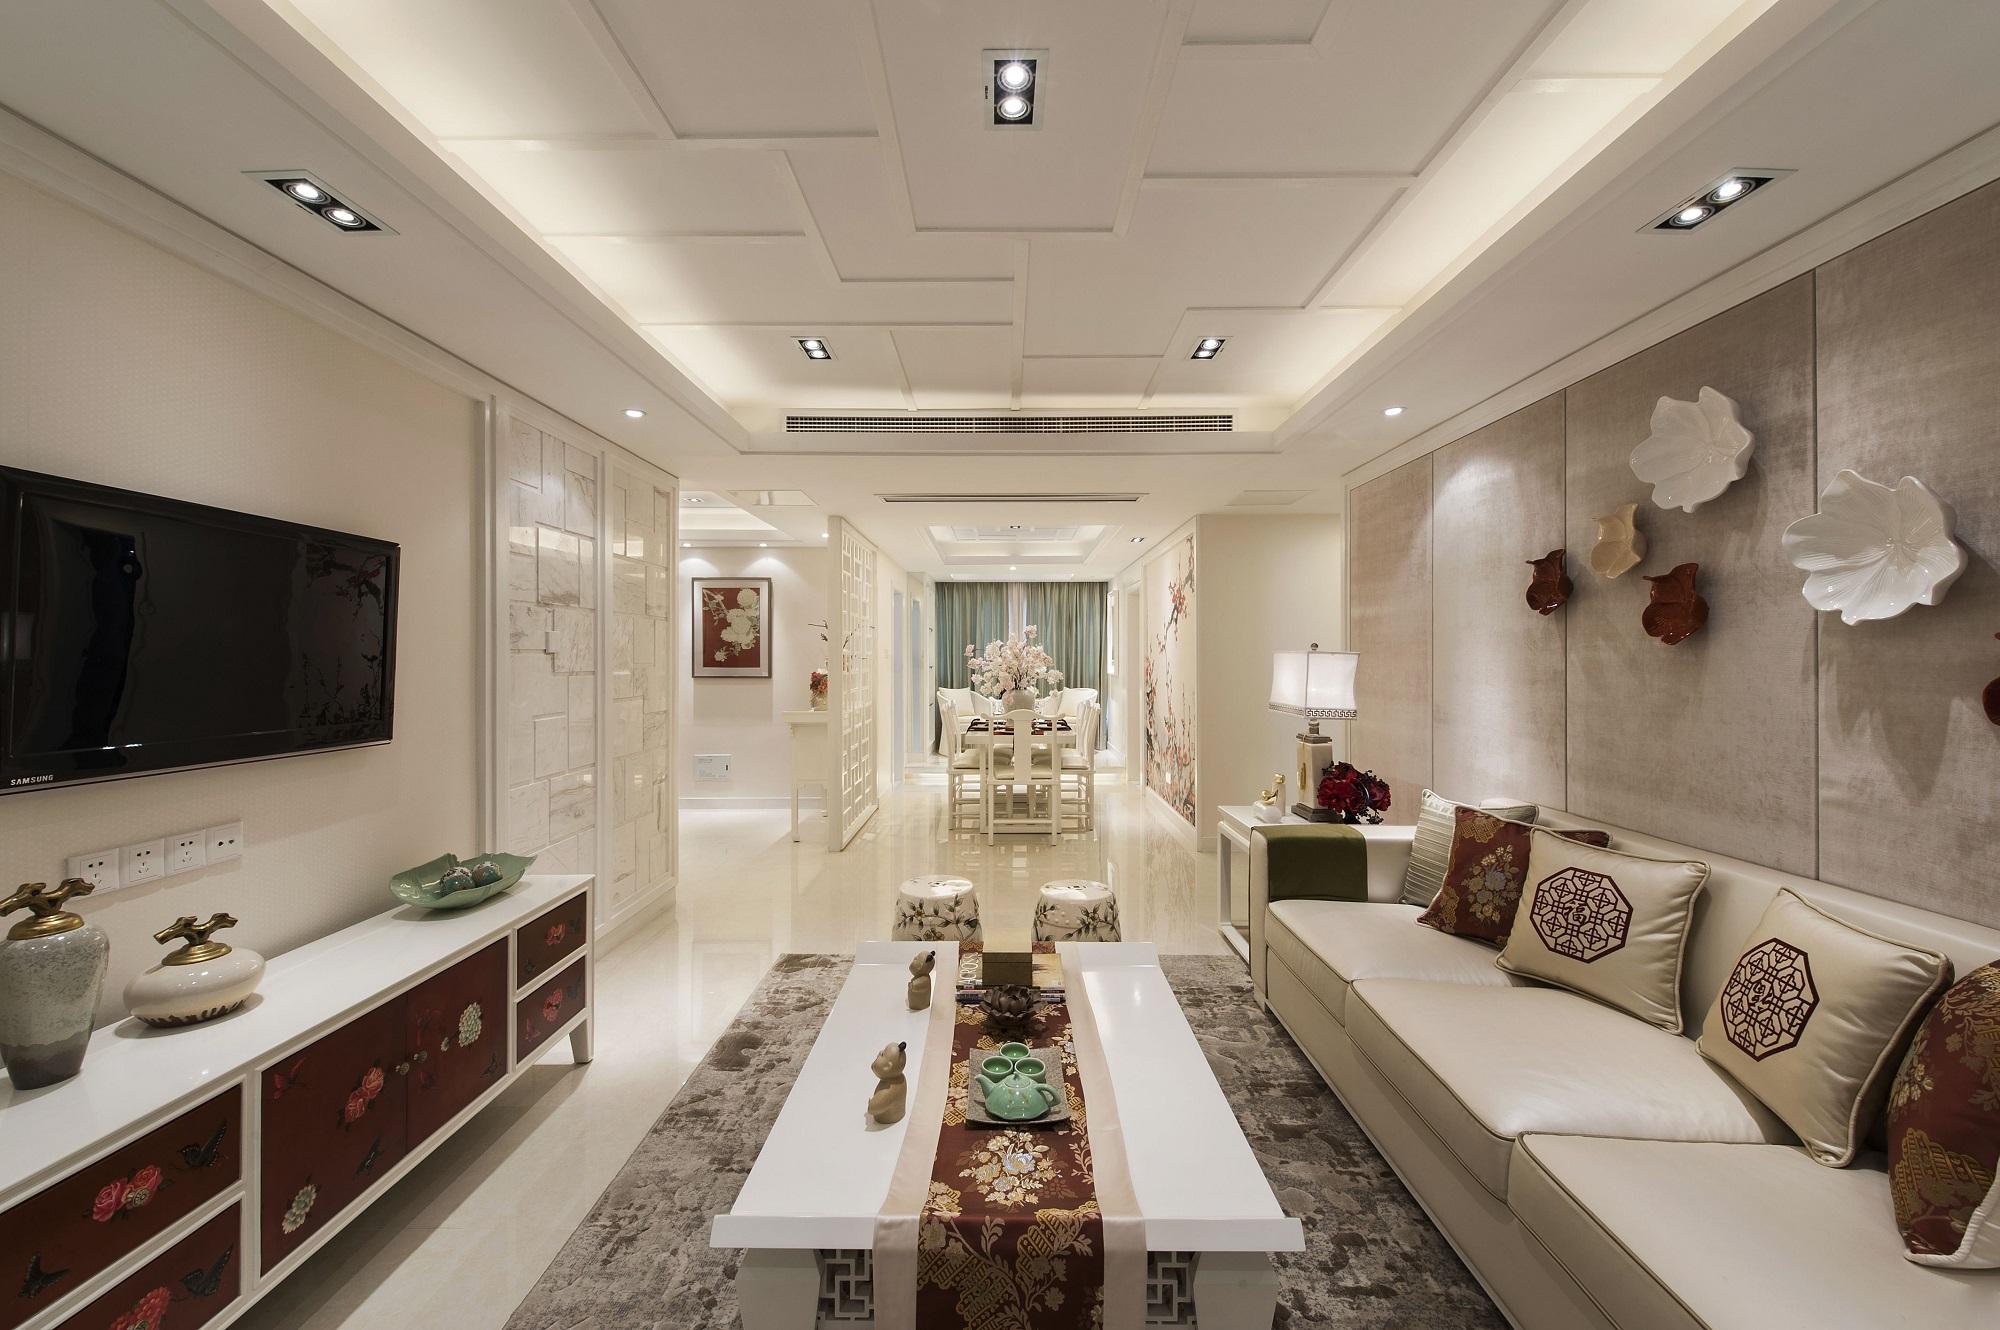 无论是带有中式元素的电视柜或抱枕,无一不体现新中式的素雅与古色古香,从客厅望向餐厅,整个空间整洁舒适